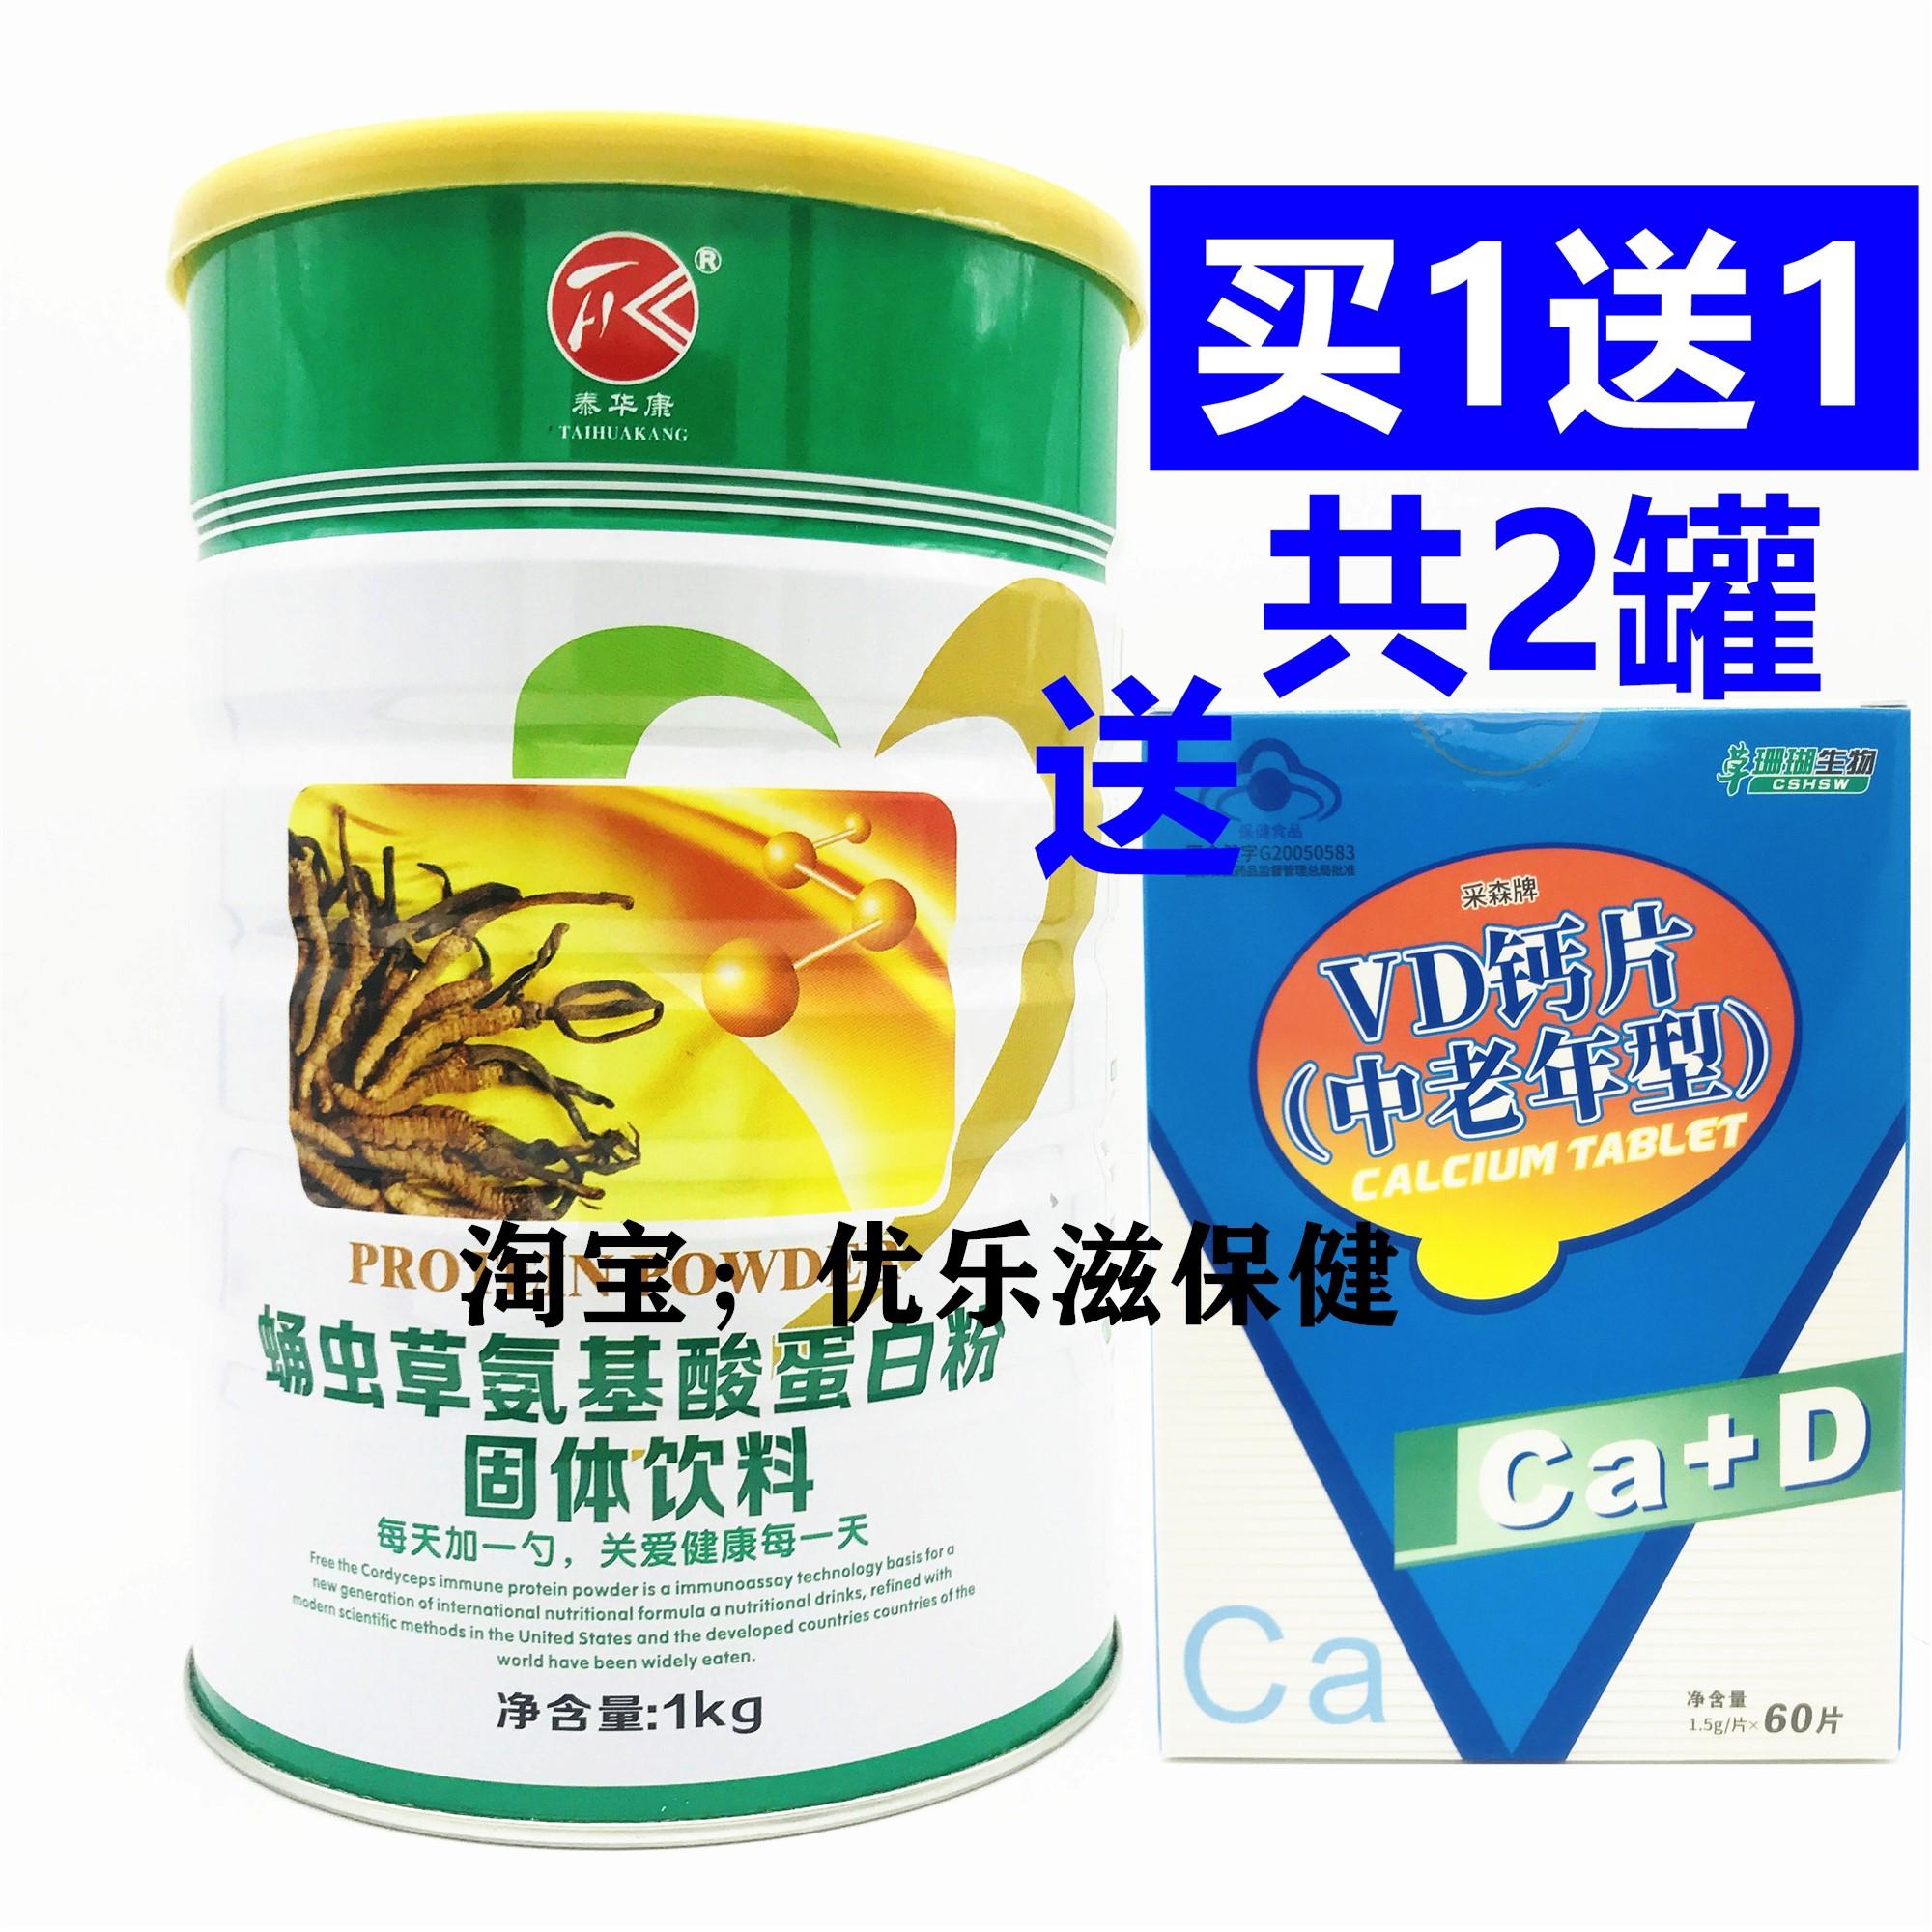 买1送1 共2罐 泰华康蛹虫草蛋白质粉 1000g